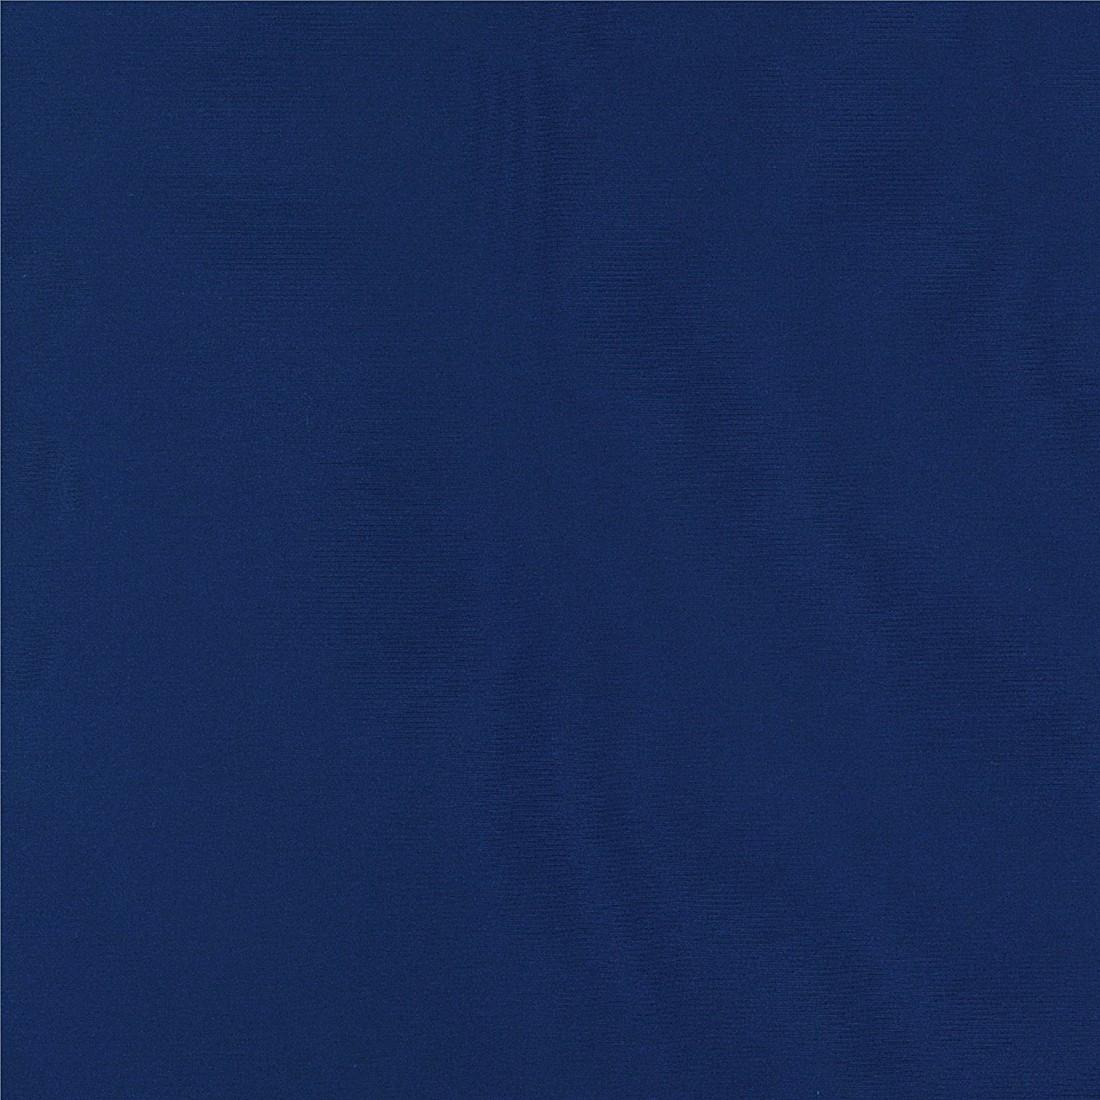 Tischdecke Country – Marine – 125 x 125 cm, Villeroy&Boch kaufen